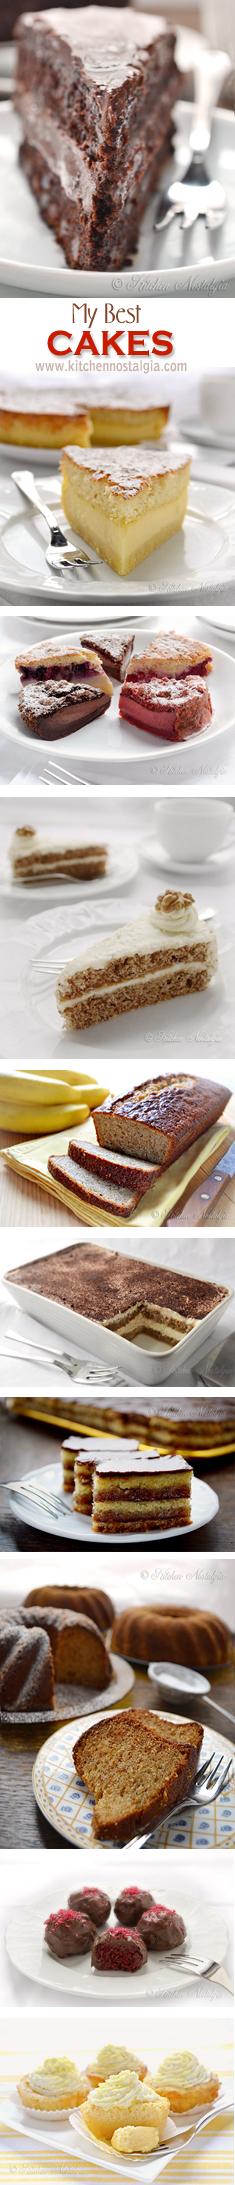 My Best CAKES - http://www.kitchennostalgia.com